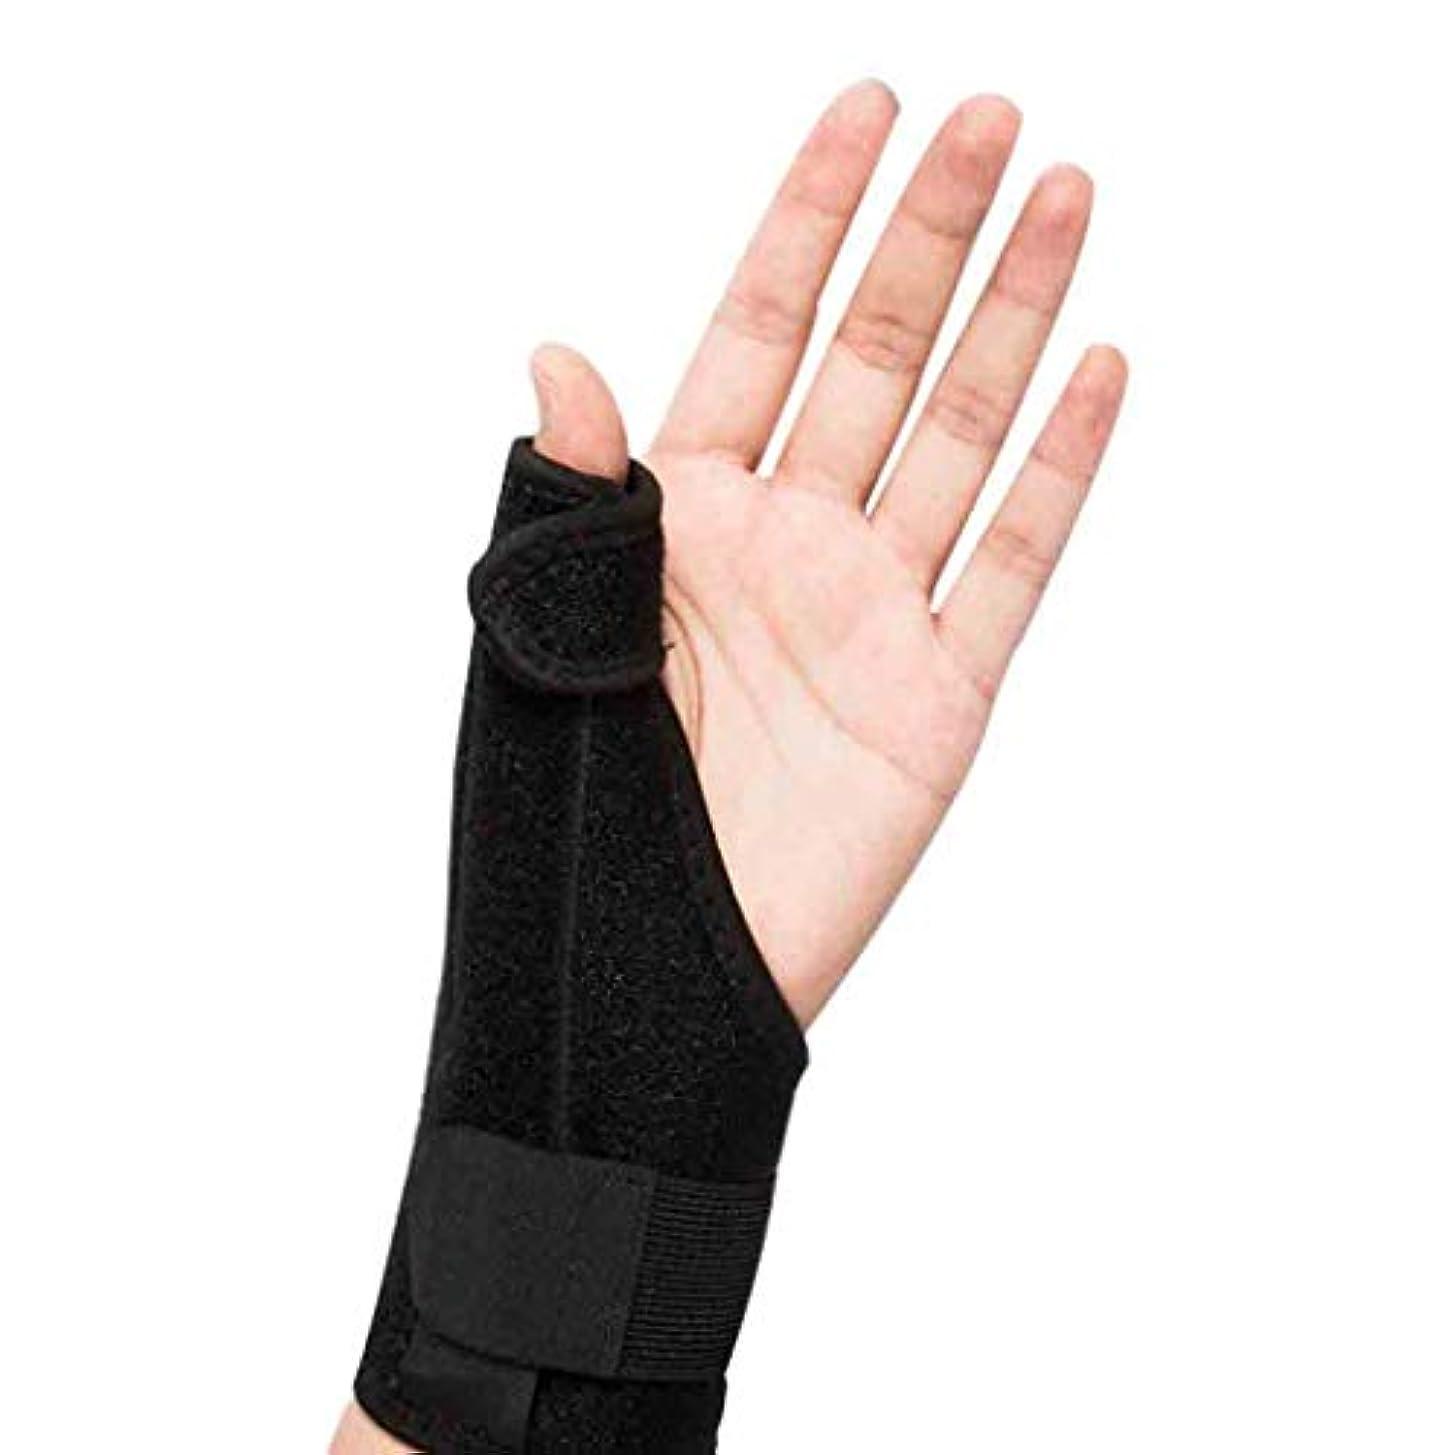 陸軍入手します規制するThumbスプリントトリガーThumb腱鞘炎Wristband関節炎トリートメントThumb捻挫の関節を固定&安定化するブレース Roscloud@